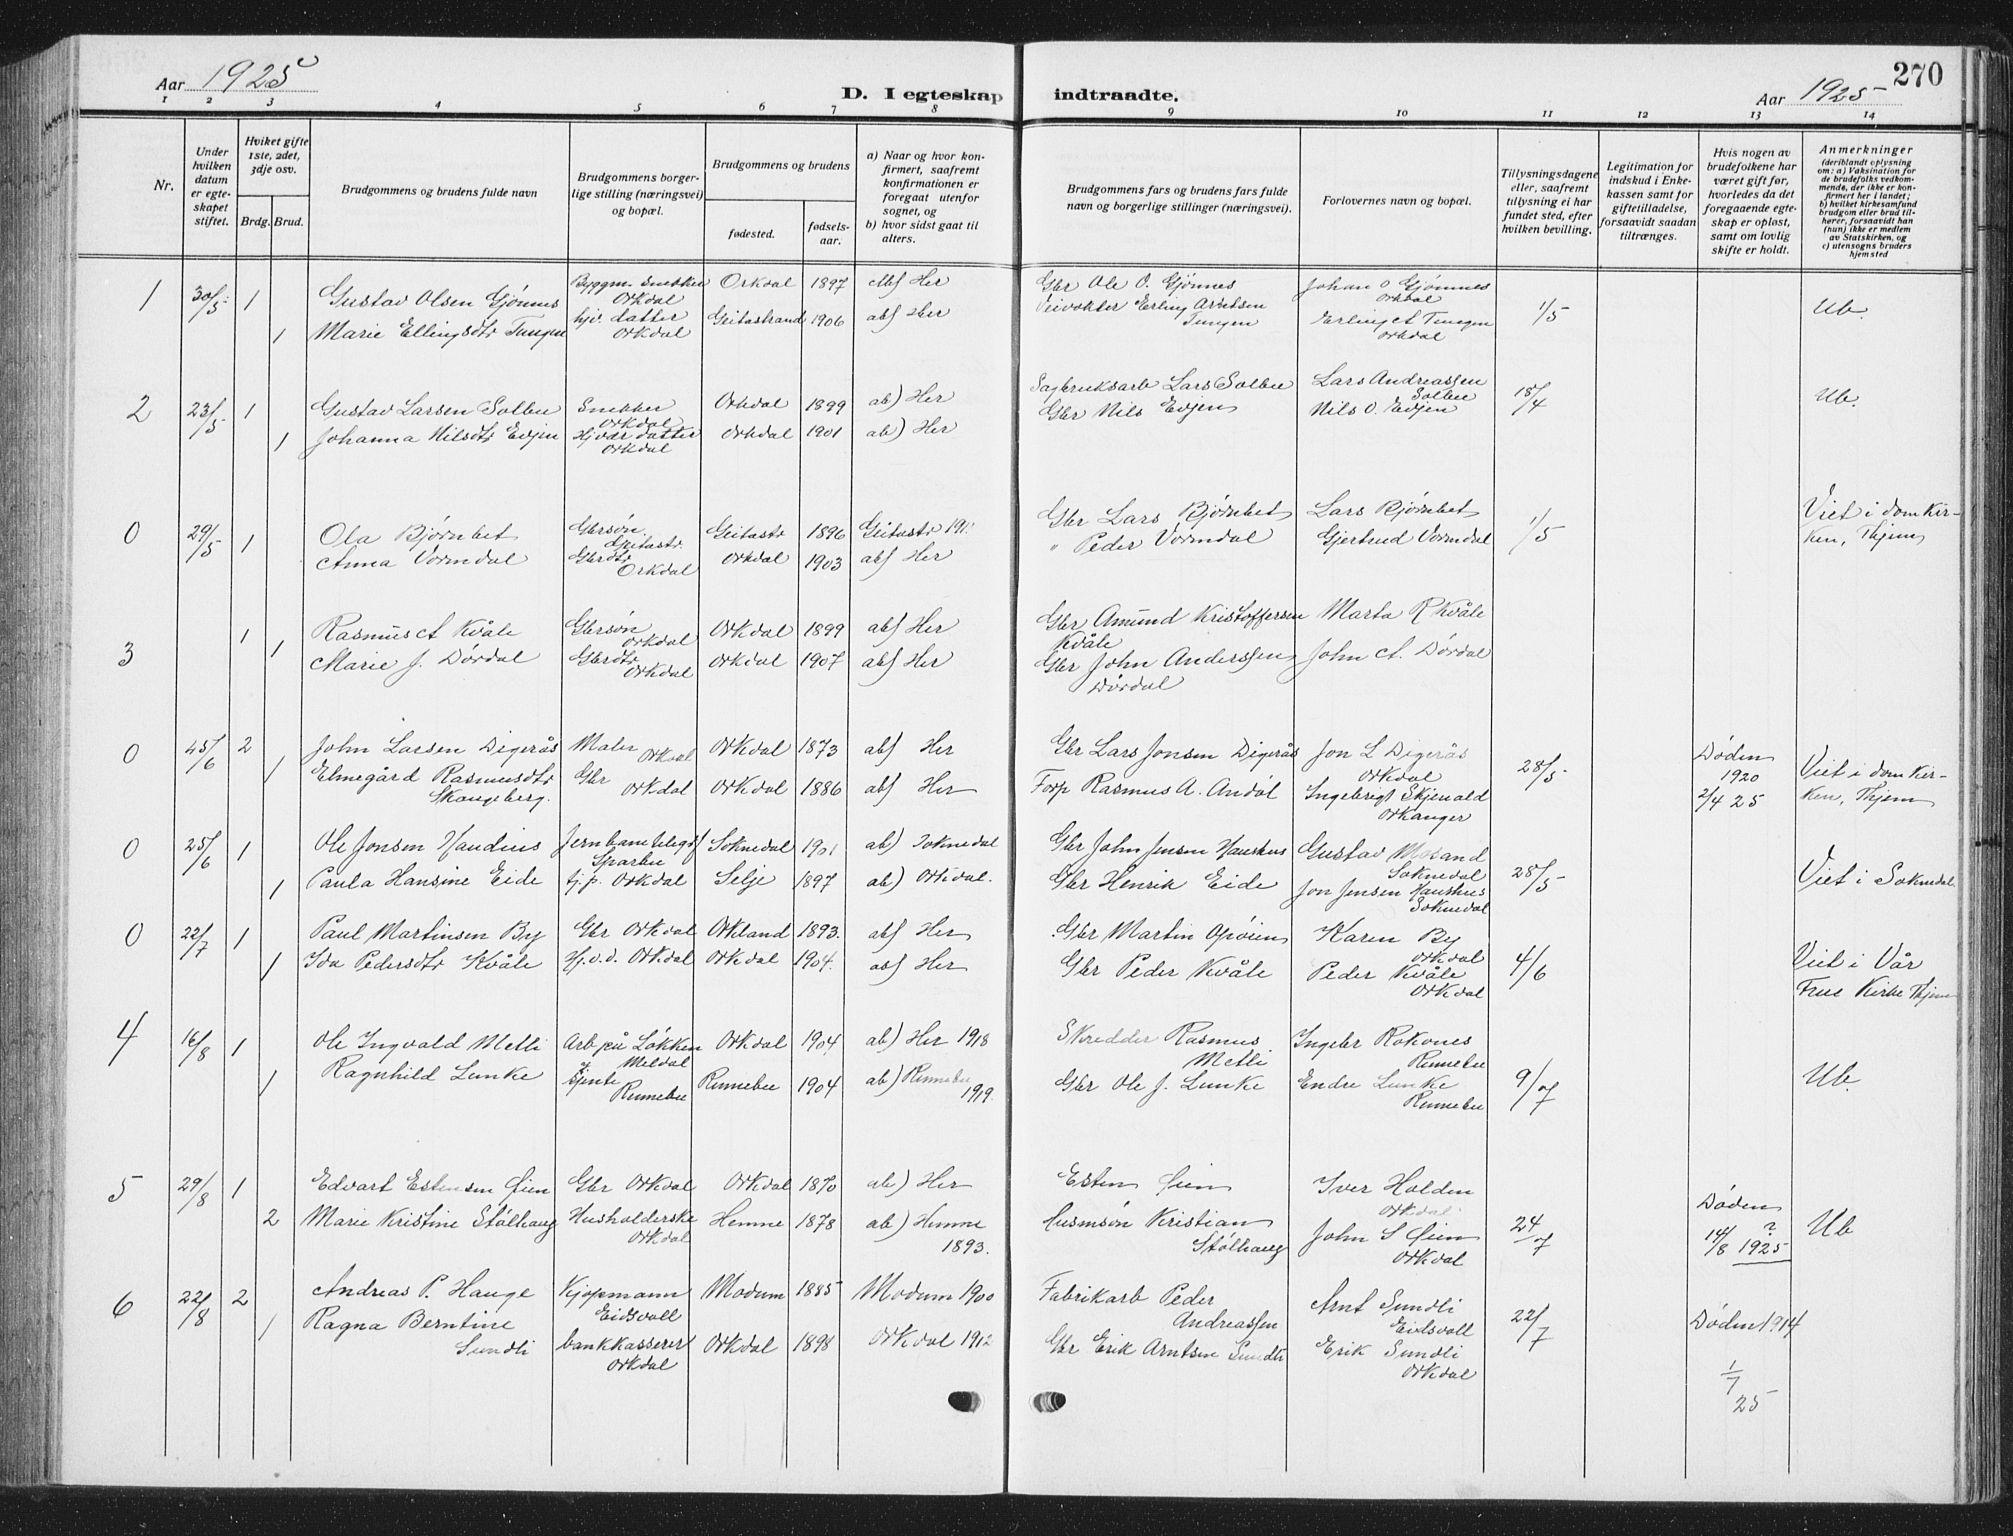 SAT, Ministerialprotokoller, klokkerbøker og fødselsregistre - Sør-Trøndelag, 668/L0820: Klokkerbok nr. 668C09, 1912-1936, s. 270